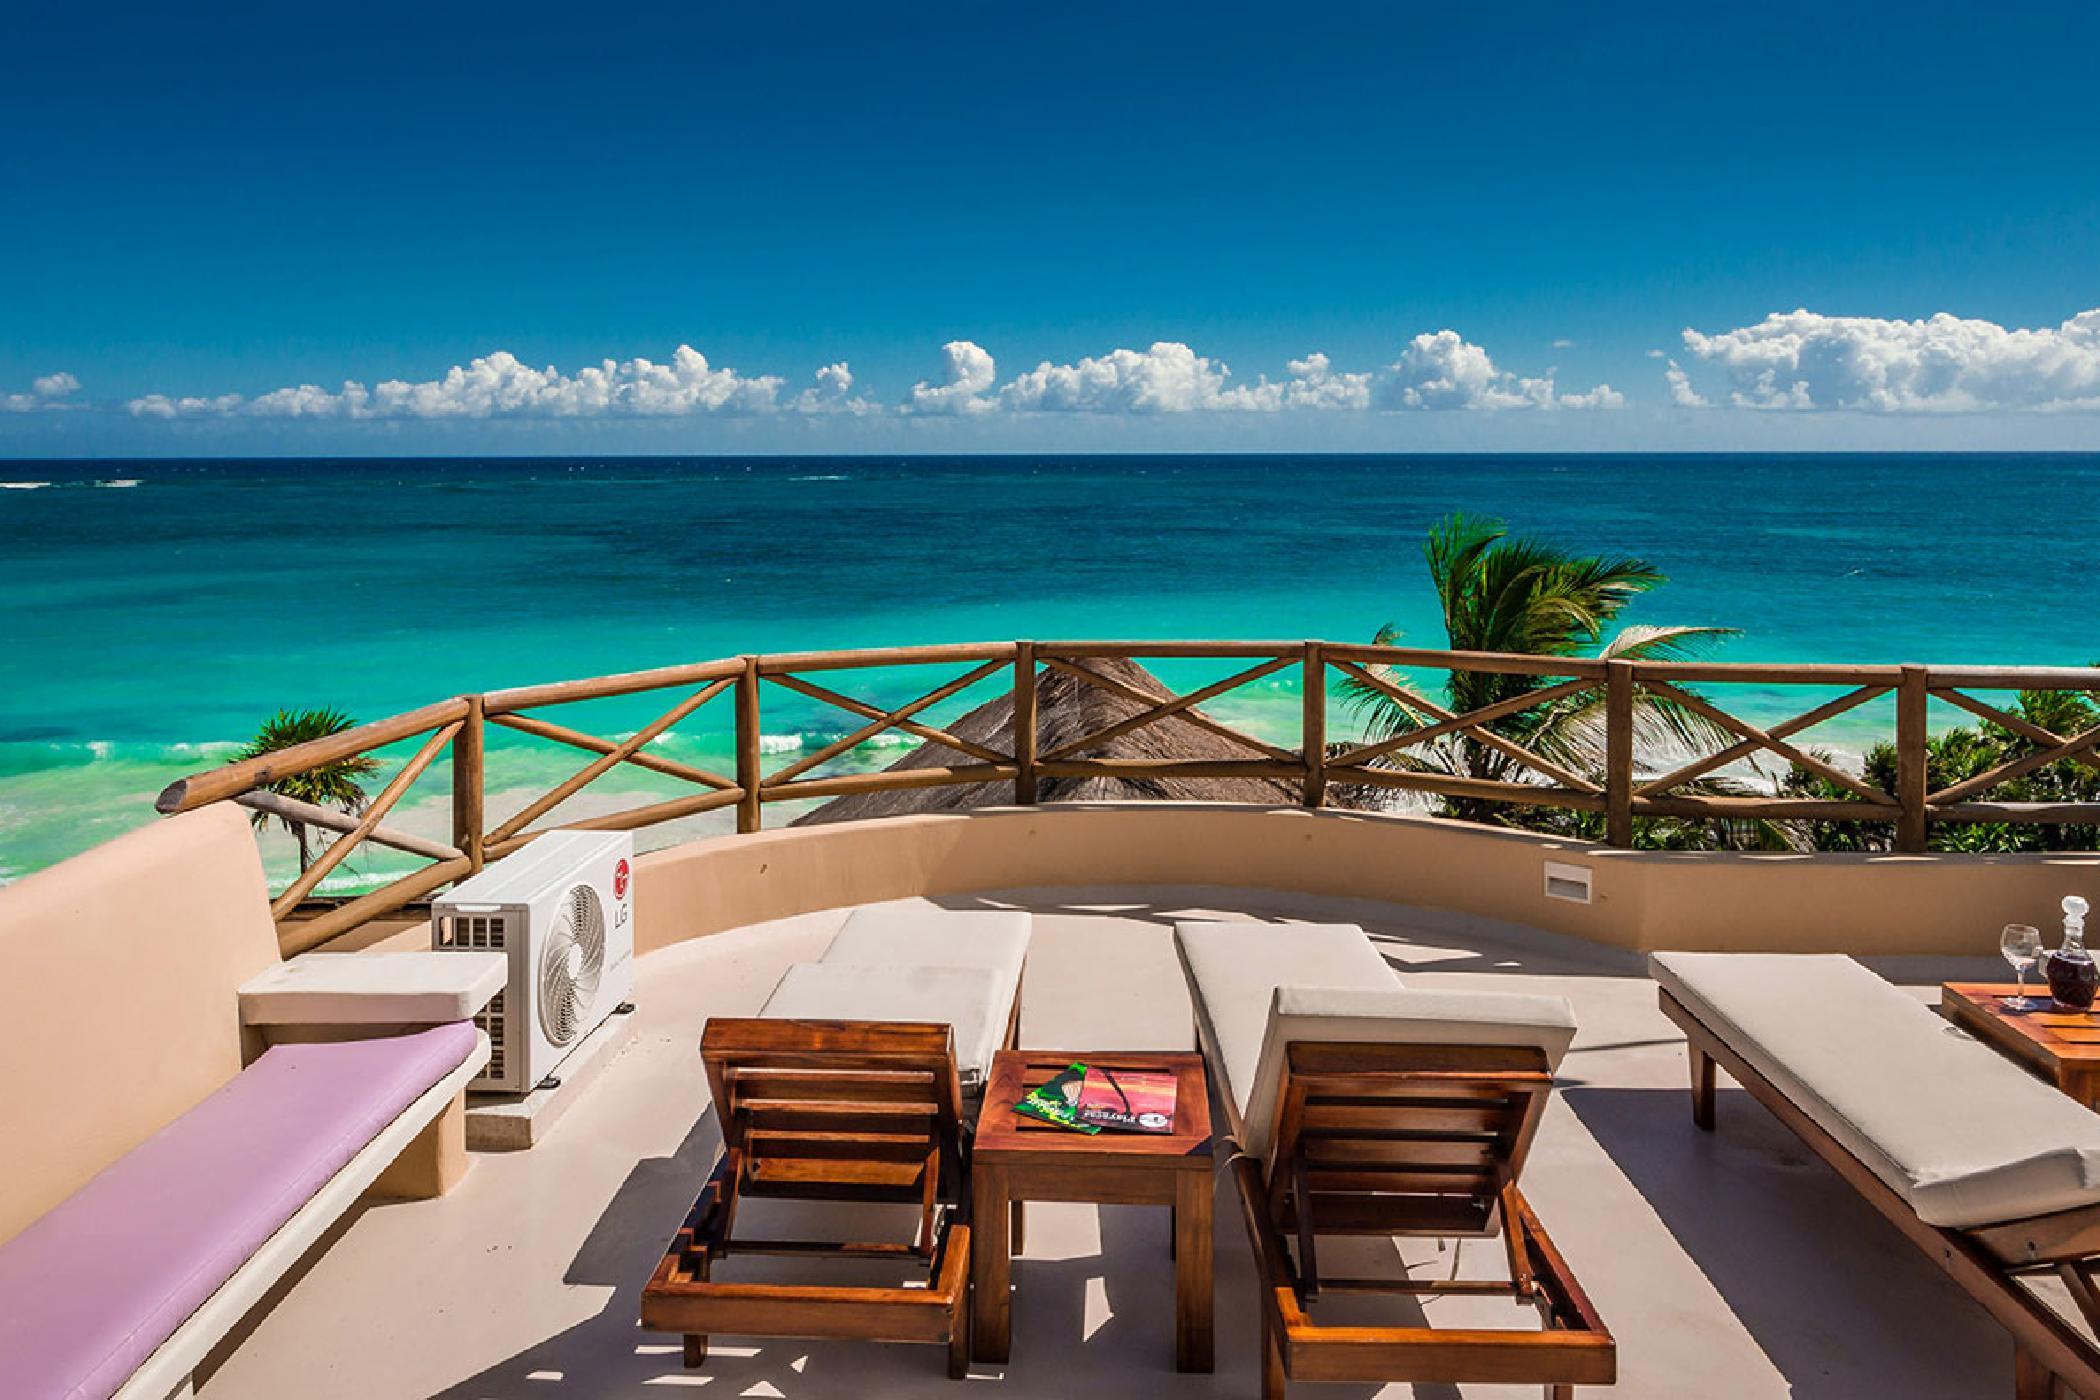 Maya_Luxe_Riviera_Maya_Luxury_Villas_Experiences_Tulum_Beach_5_Bedrooms_Villa_Miramar_7.jpg